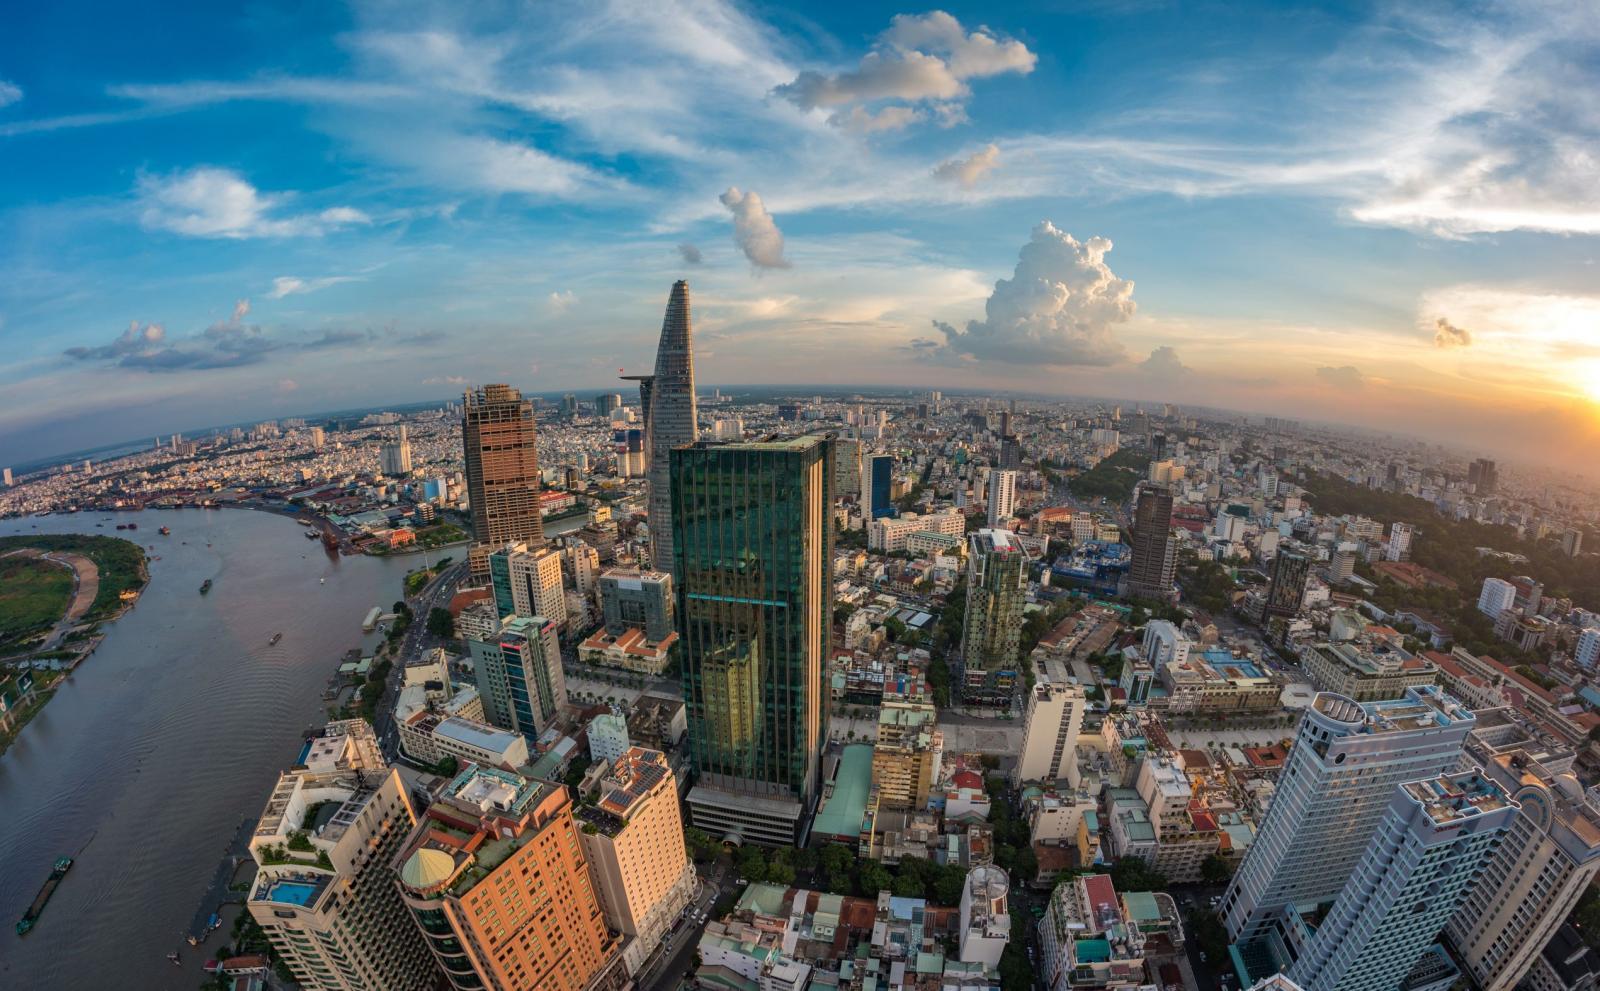 Bài toán phát triển bất động sản đô thị Việt Nam